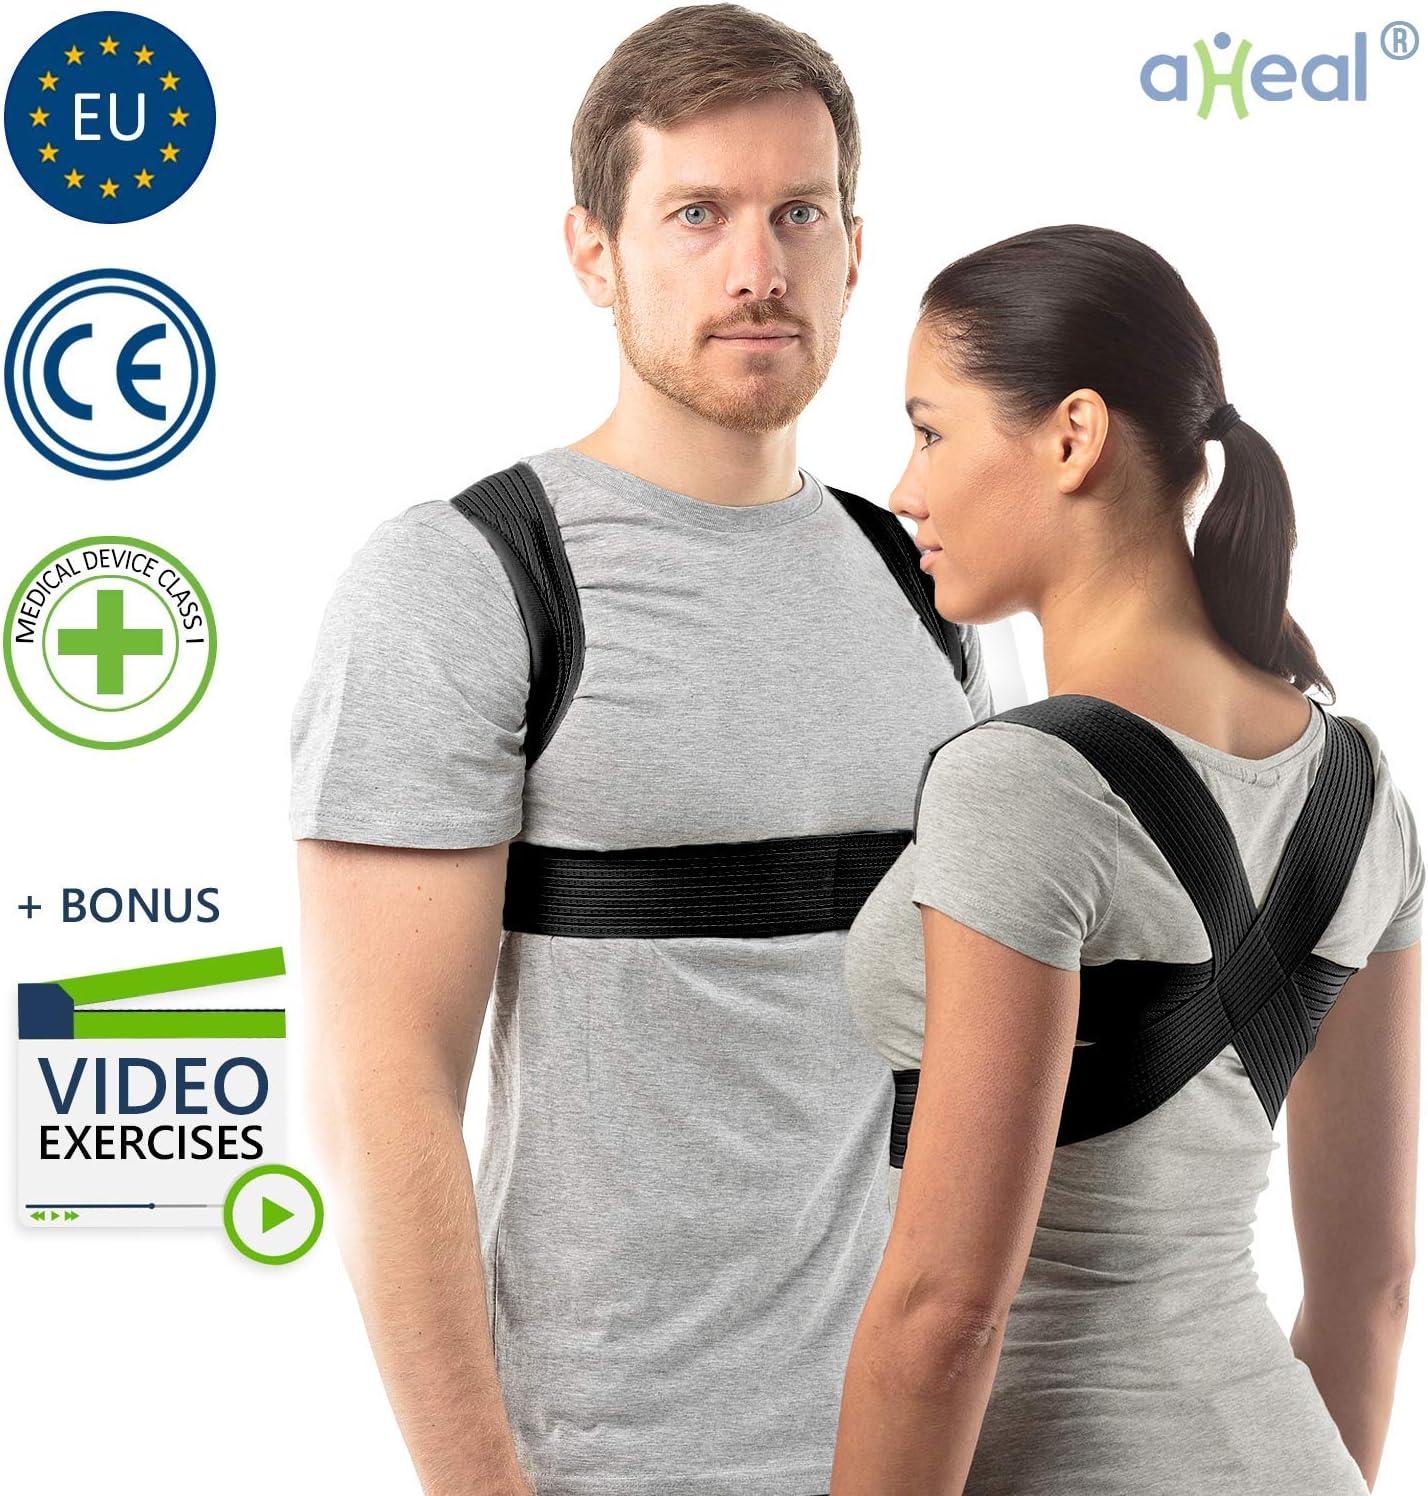 aHeal Corrector de Postura para Hombre y Mujer | Soporte para Corregir la Postura | Corsé Ortopédico para Escoliosis Cifosis | Alivio del Dolor de Espalda y Corrector de Mala Postura | Talla 3 Negro